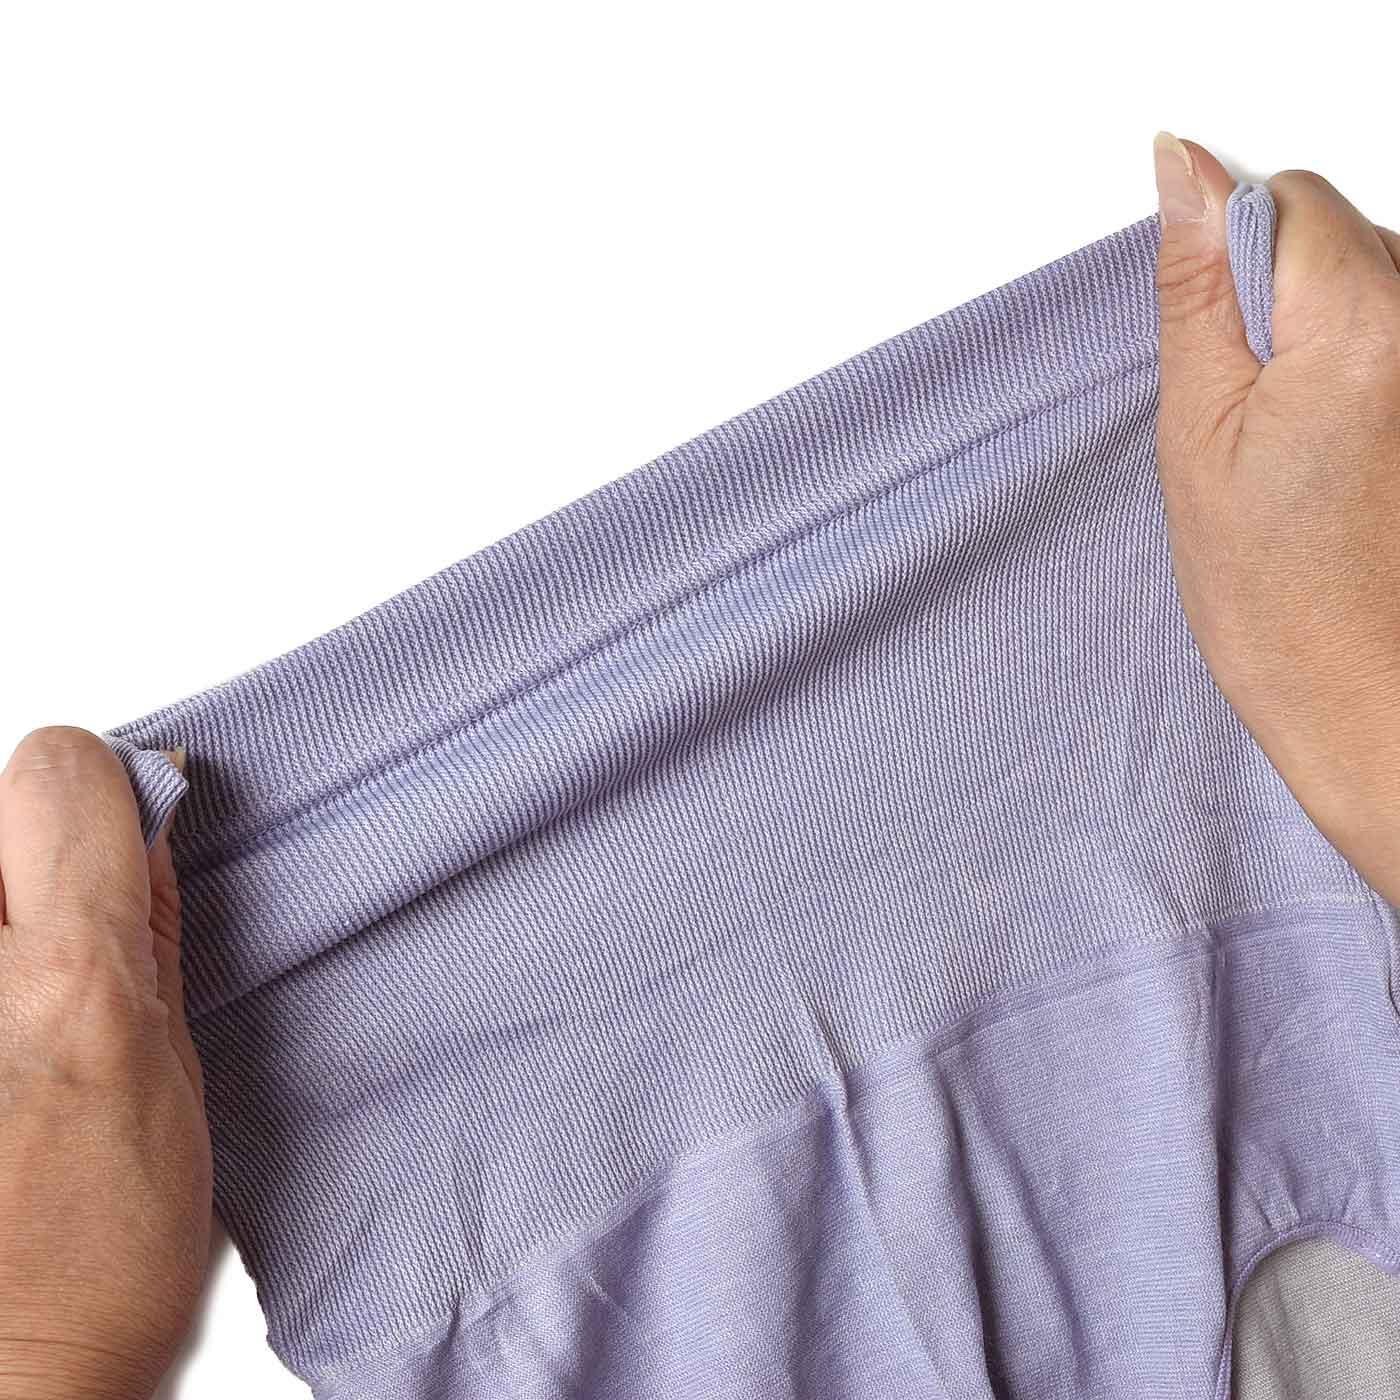 おなかまわりはリブ編みで、気持ちいいフィット感。